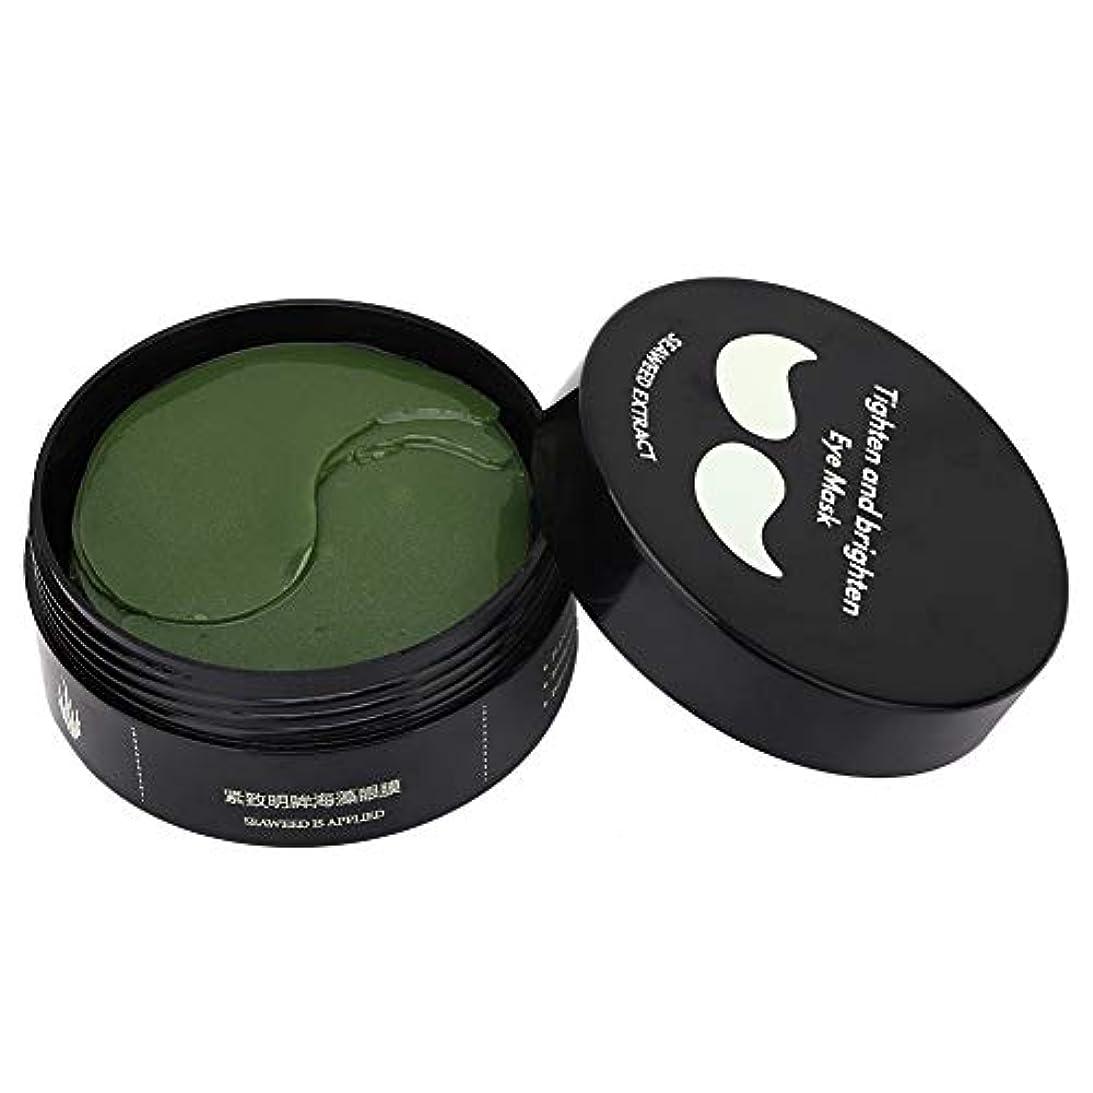 勇者ツーリストピューアイジェルマスク、60個/箱緑藻アイジェルマスクしわ防止しわくちゃダークサークル保湿引き締めパット产品標题(タイトル):